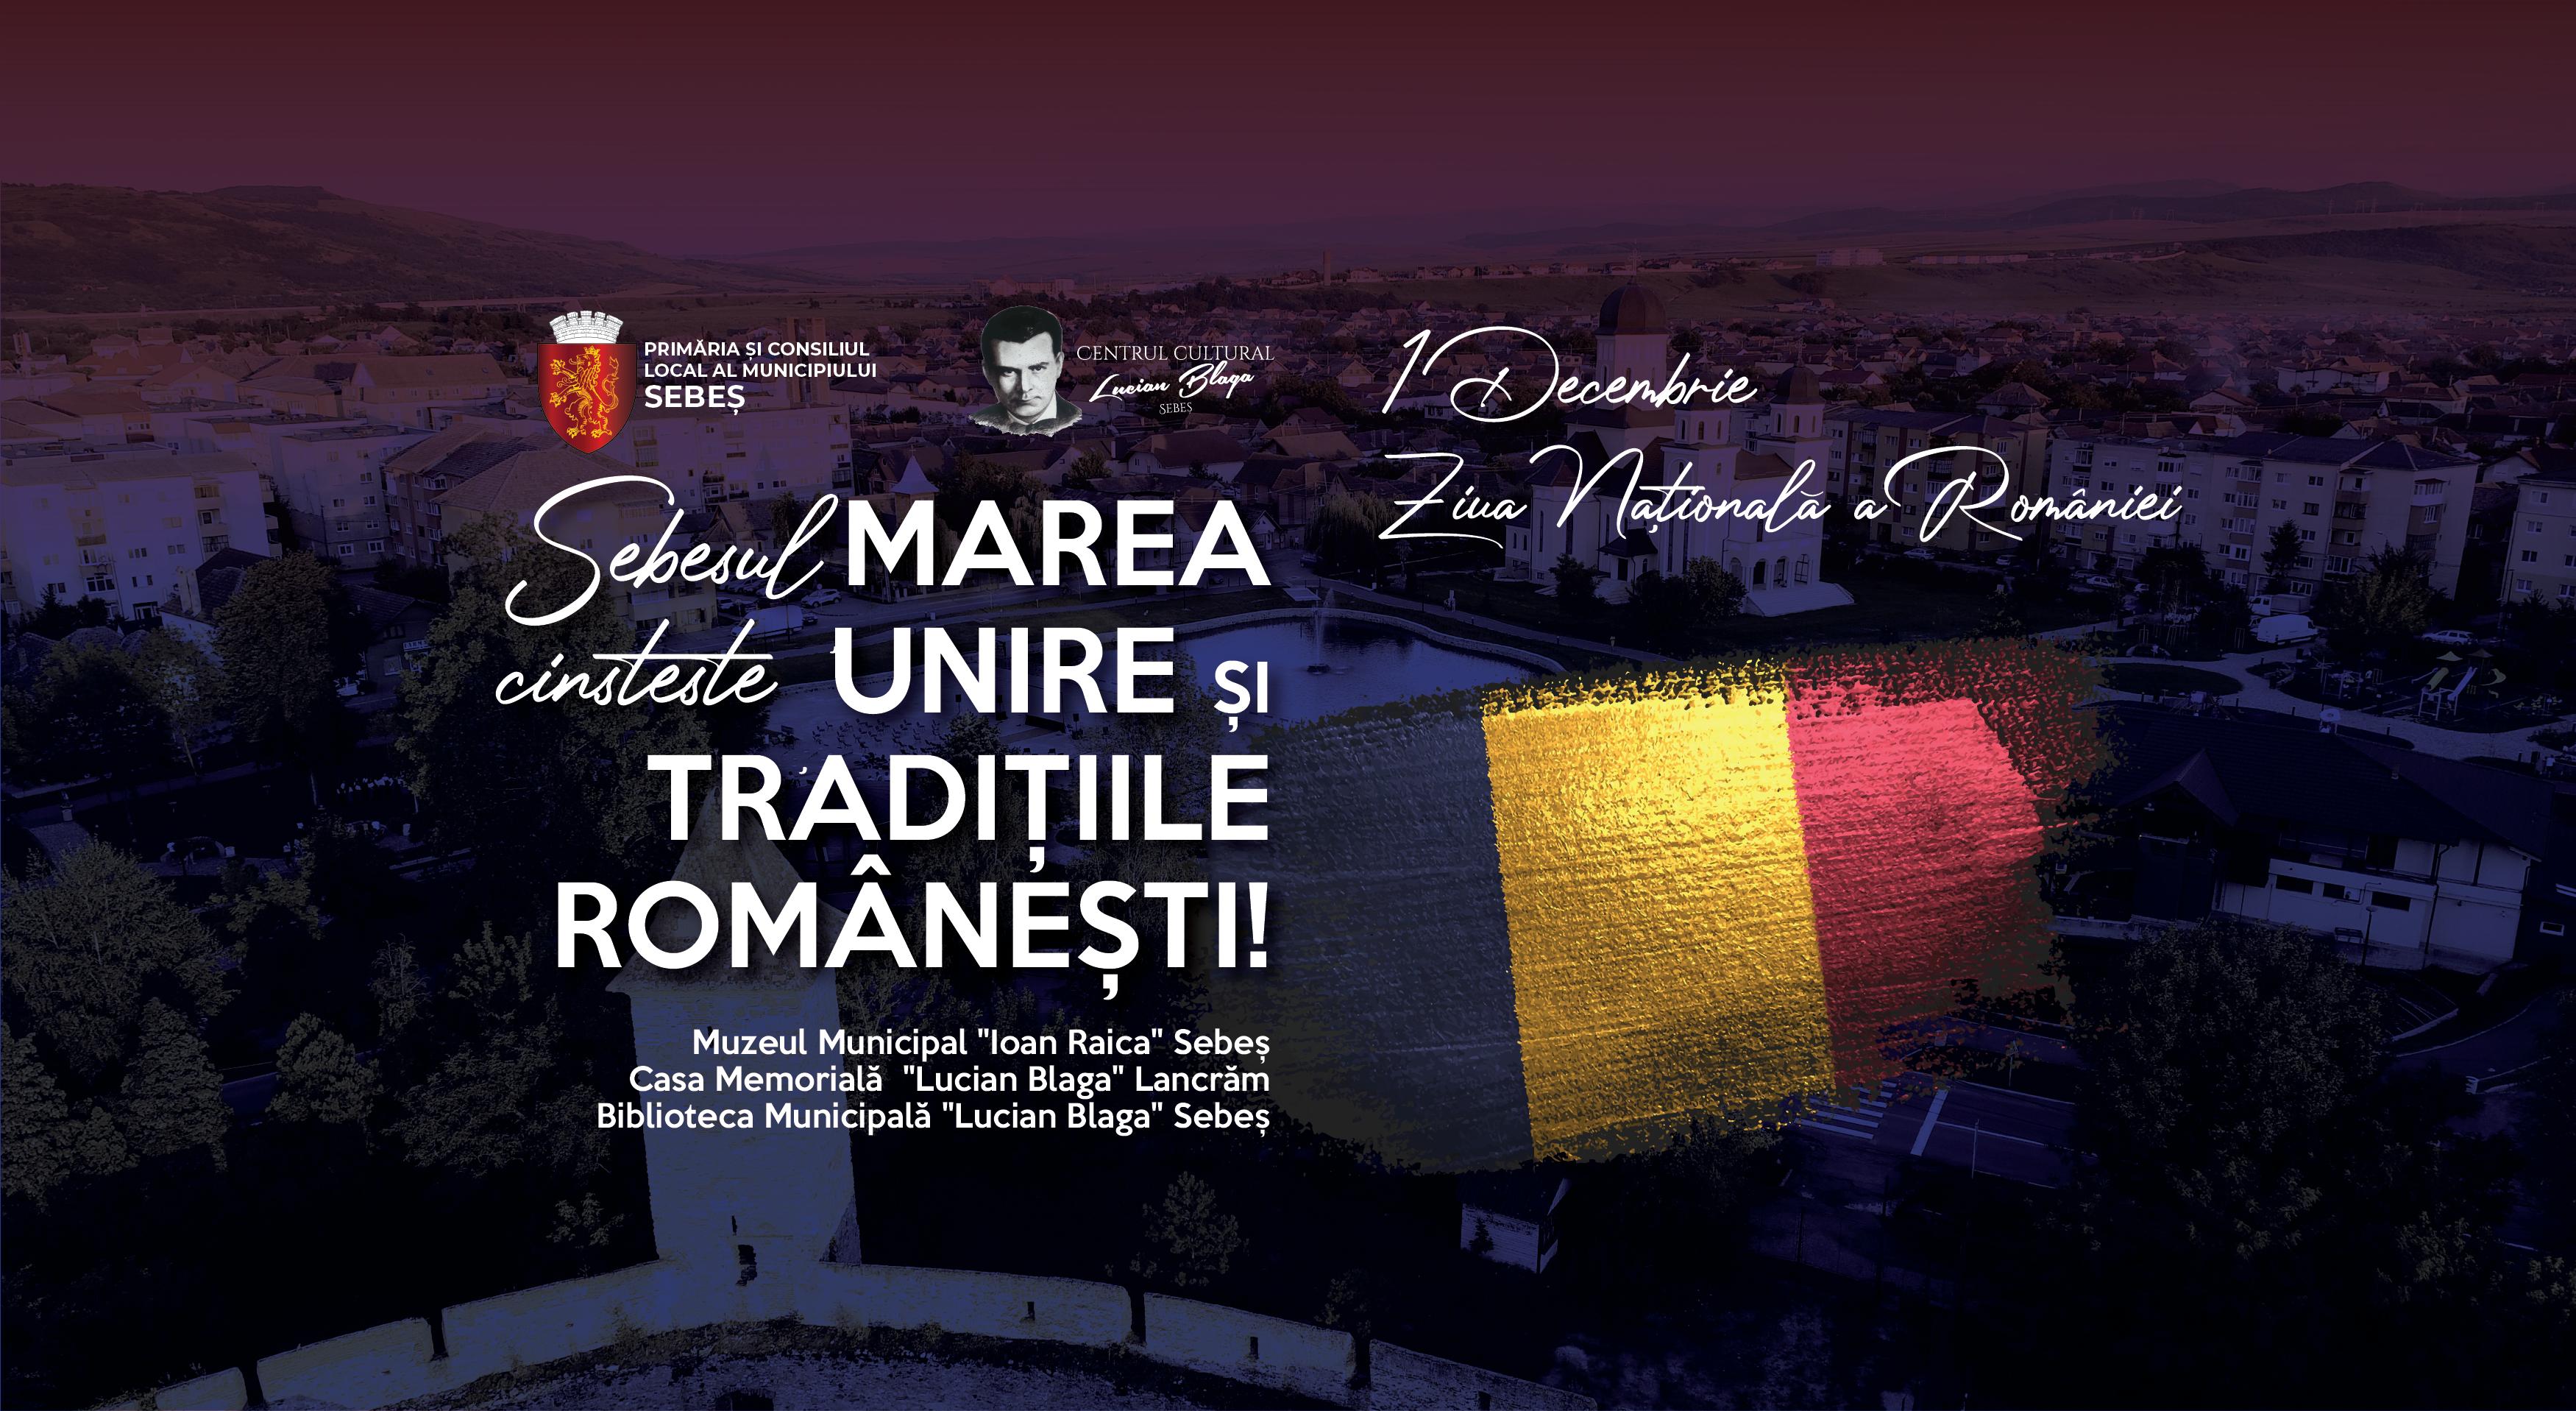 SEBEȘUL CINSTEȘTE MAREA UNIRE ȘI TRADIȚIILE ROMÂNEȘTI!